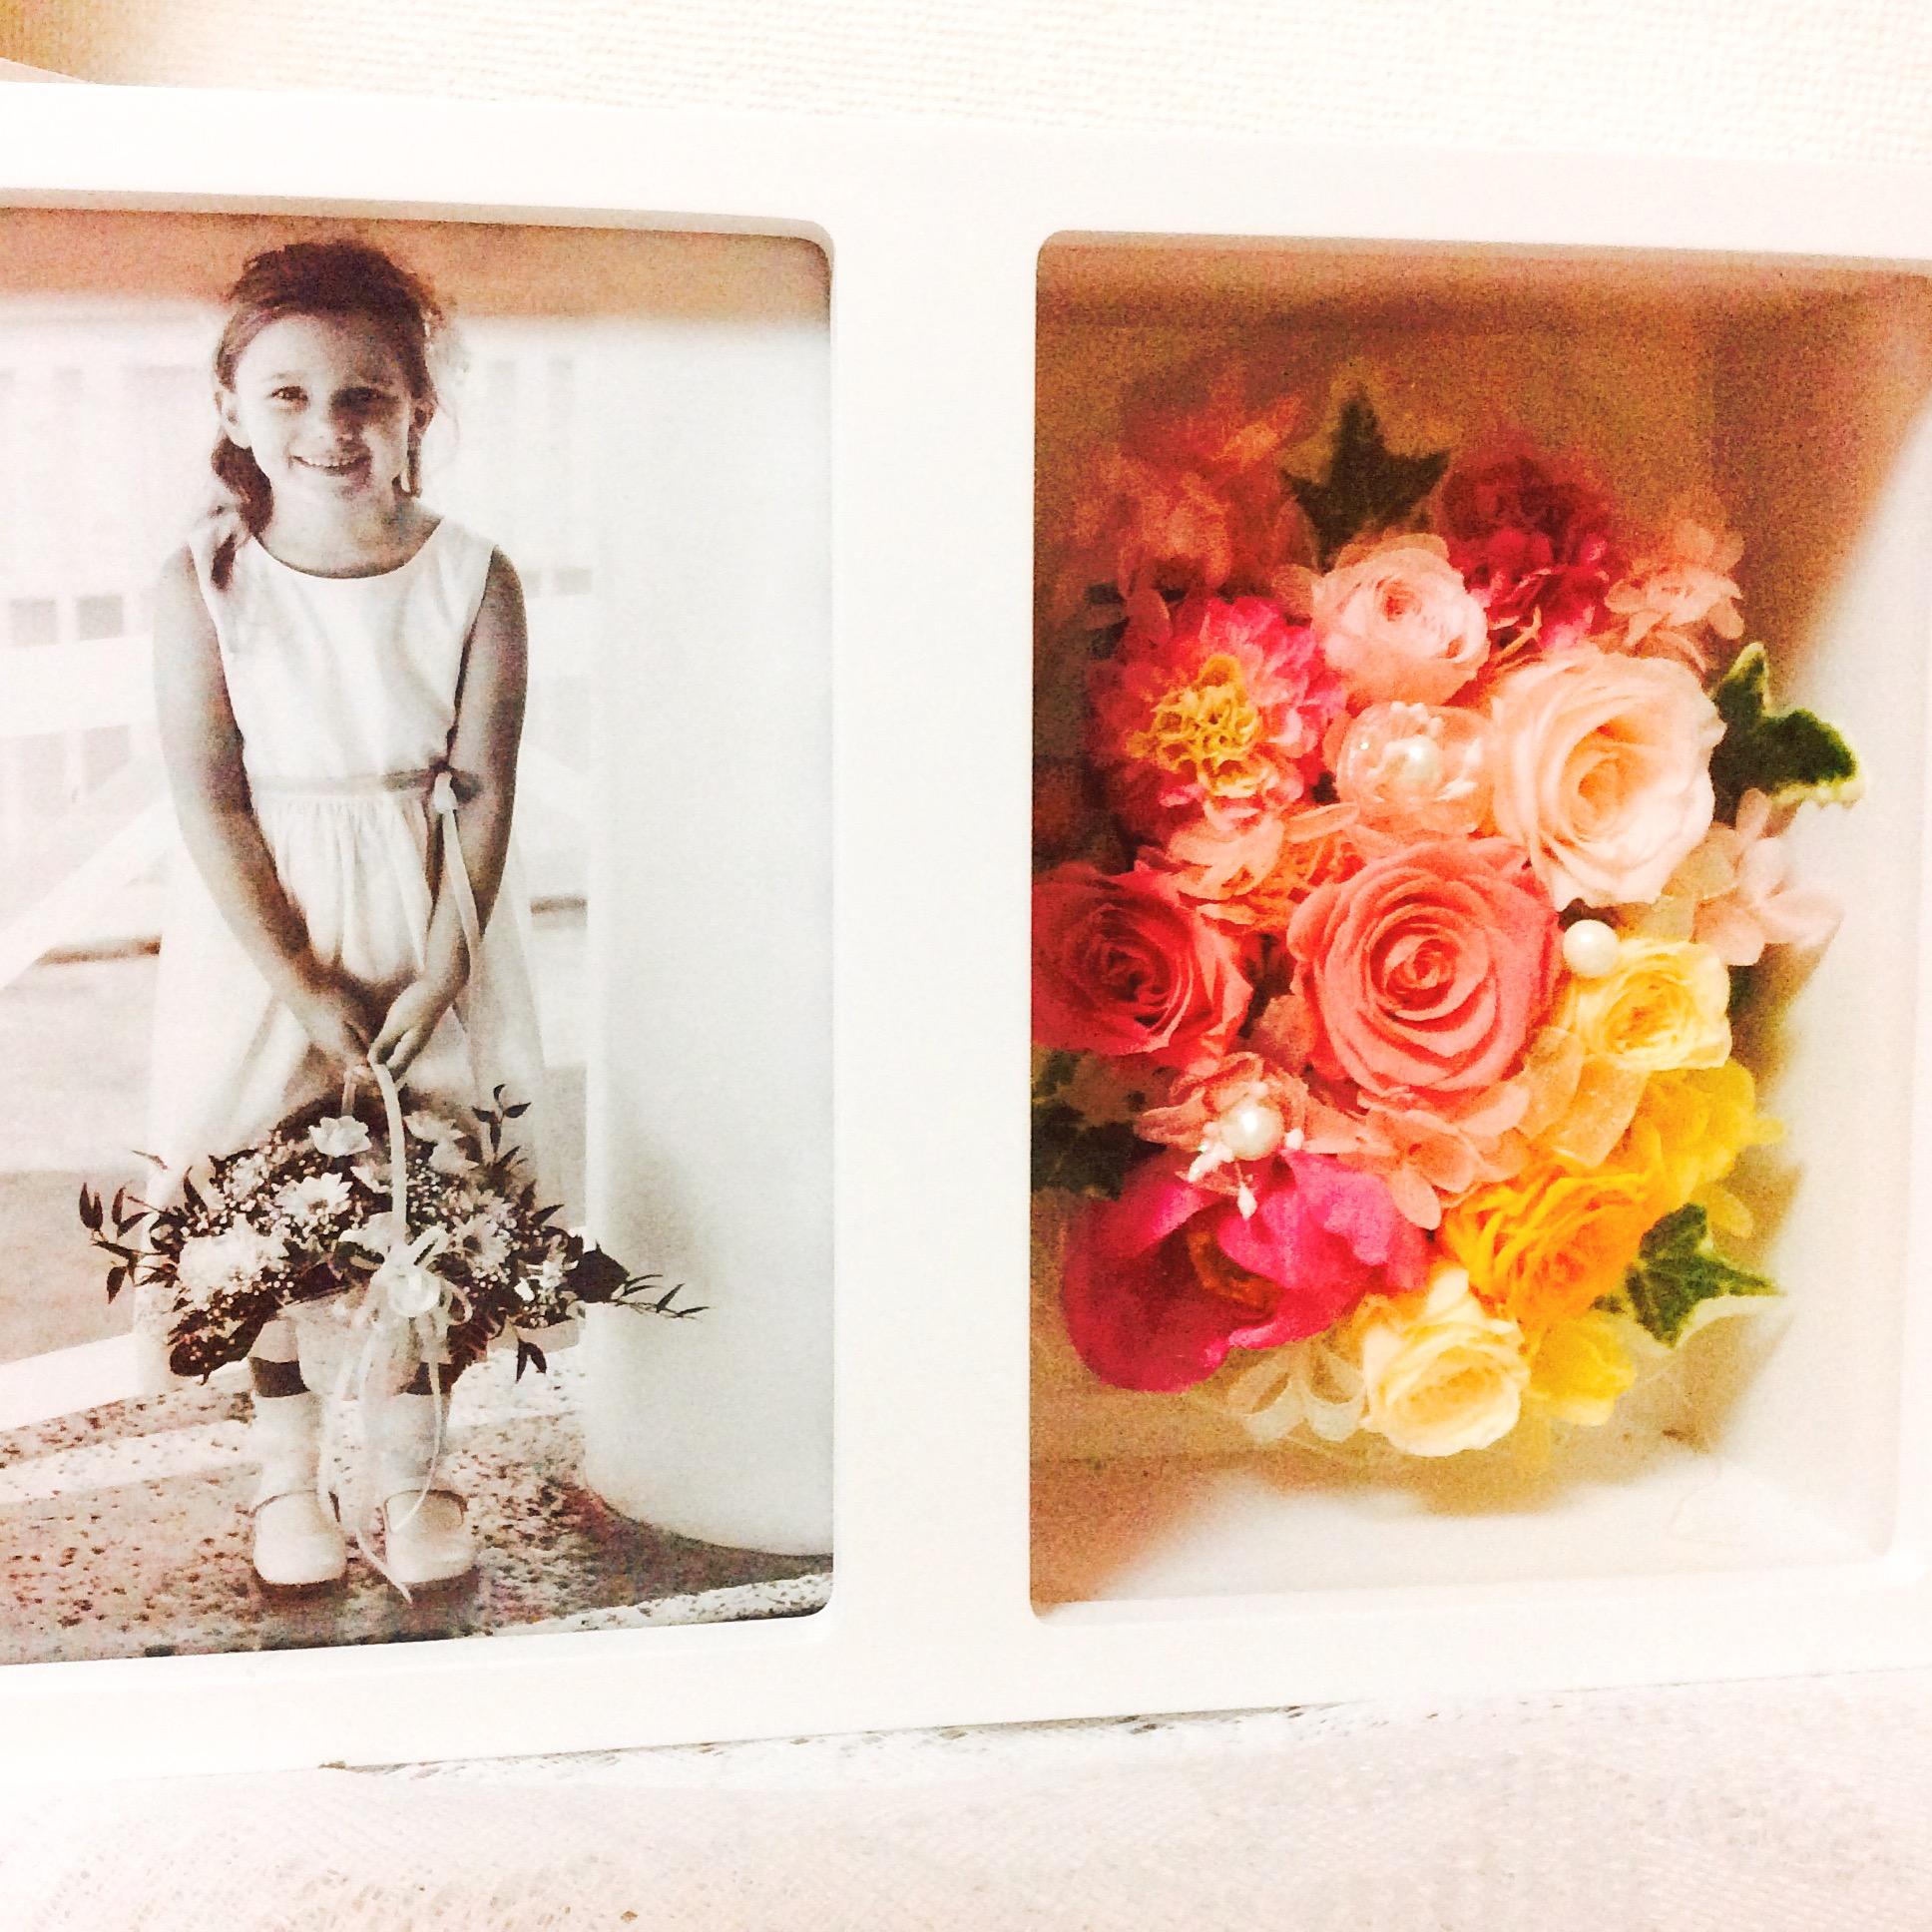 大切な記念日の写真をお花と一緒に飾れるフォトBoxでインテリアを華やかに